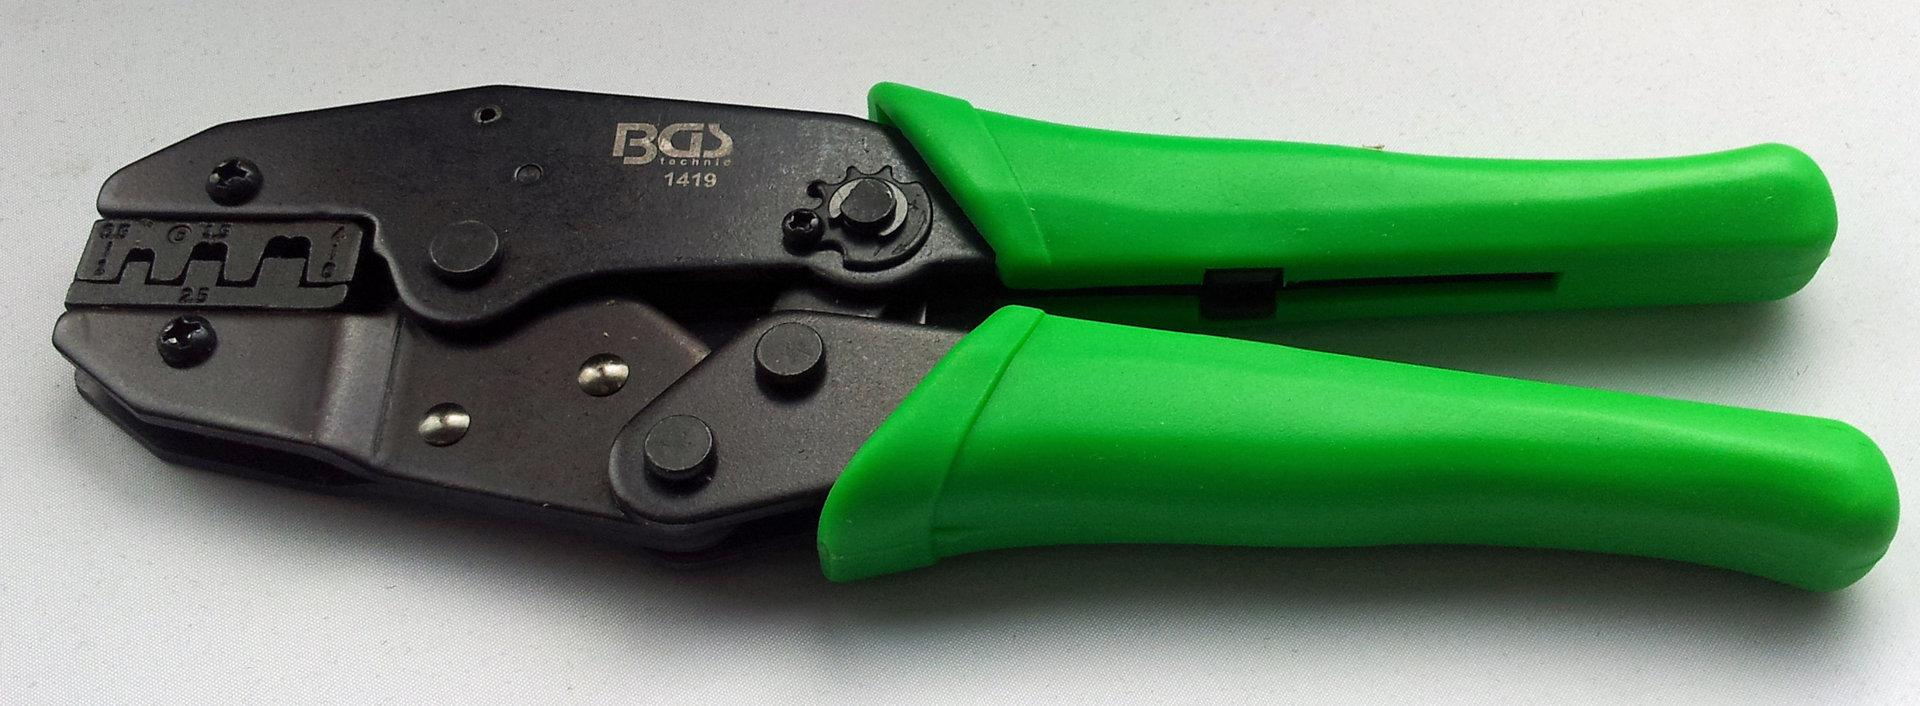 Kabelschuhzange mit Ratschenfunktion 0,5-6 mm 1419 BGS